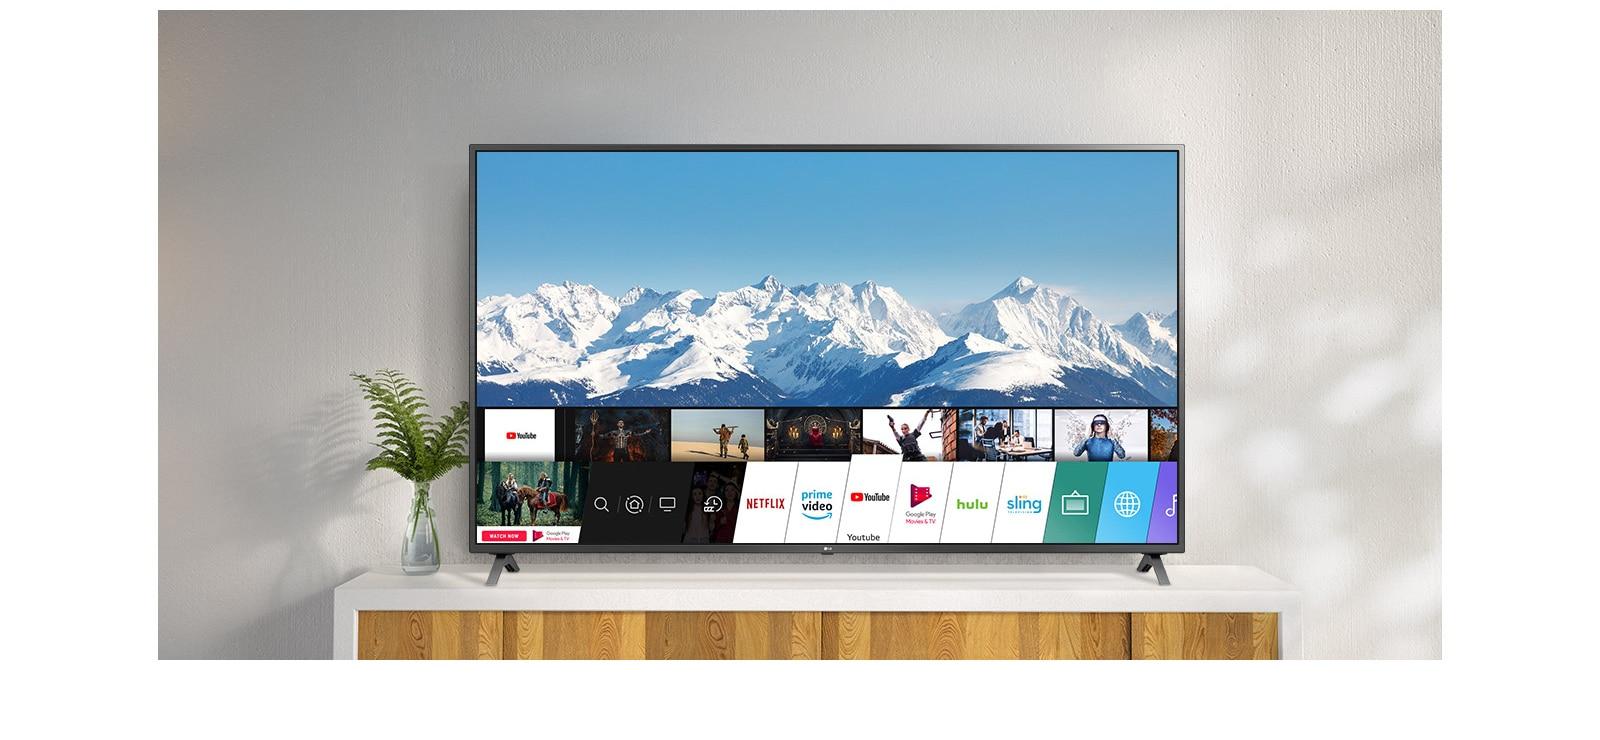 Телевизор стоит на белой тумбе на фоне белой стены. На экране показан рабочий стол с webOS.